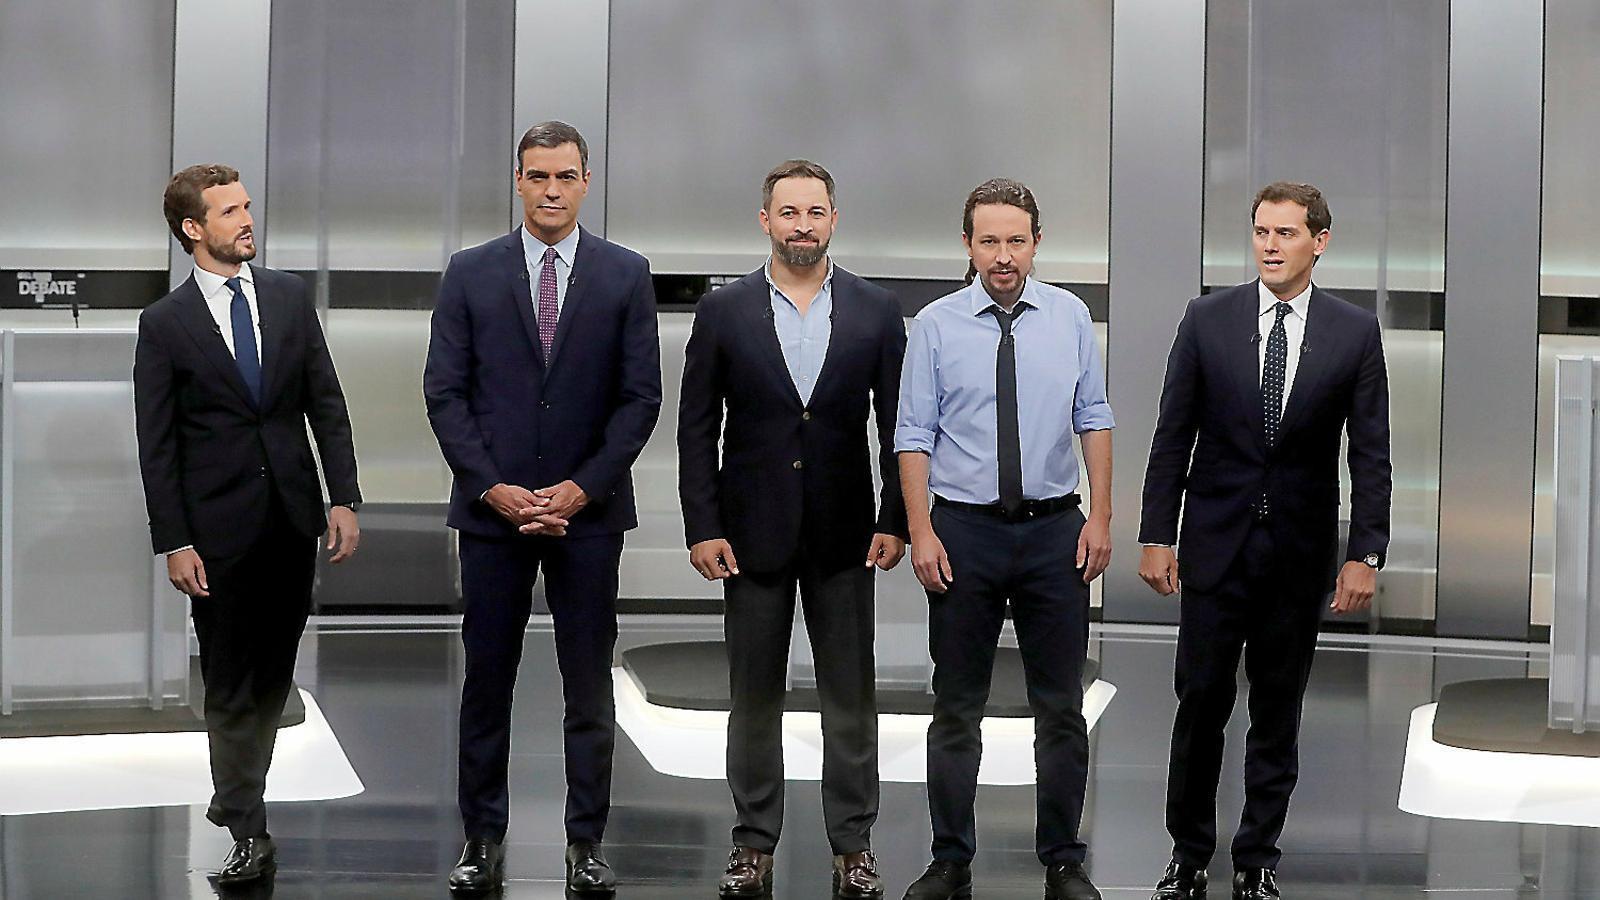 Imatge dels cinc candidats abans del debat d'ahir al Pavelló de la Casa de Campo de Madrid.